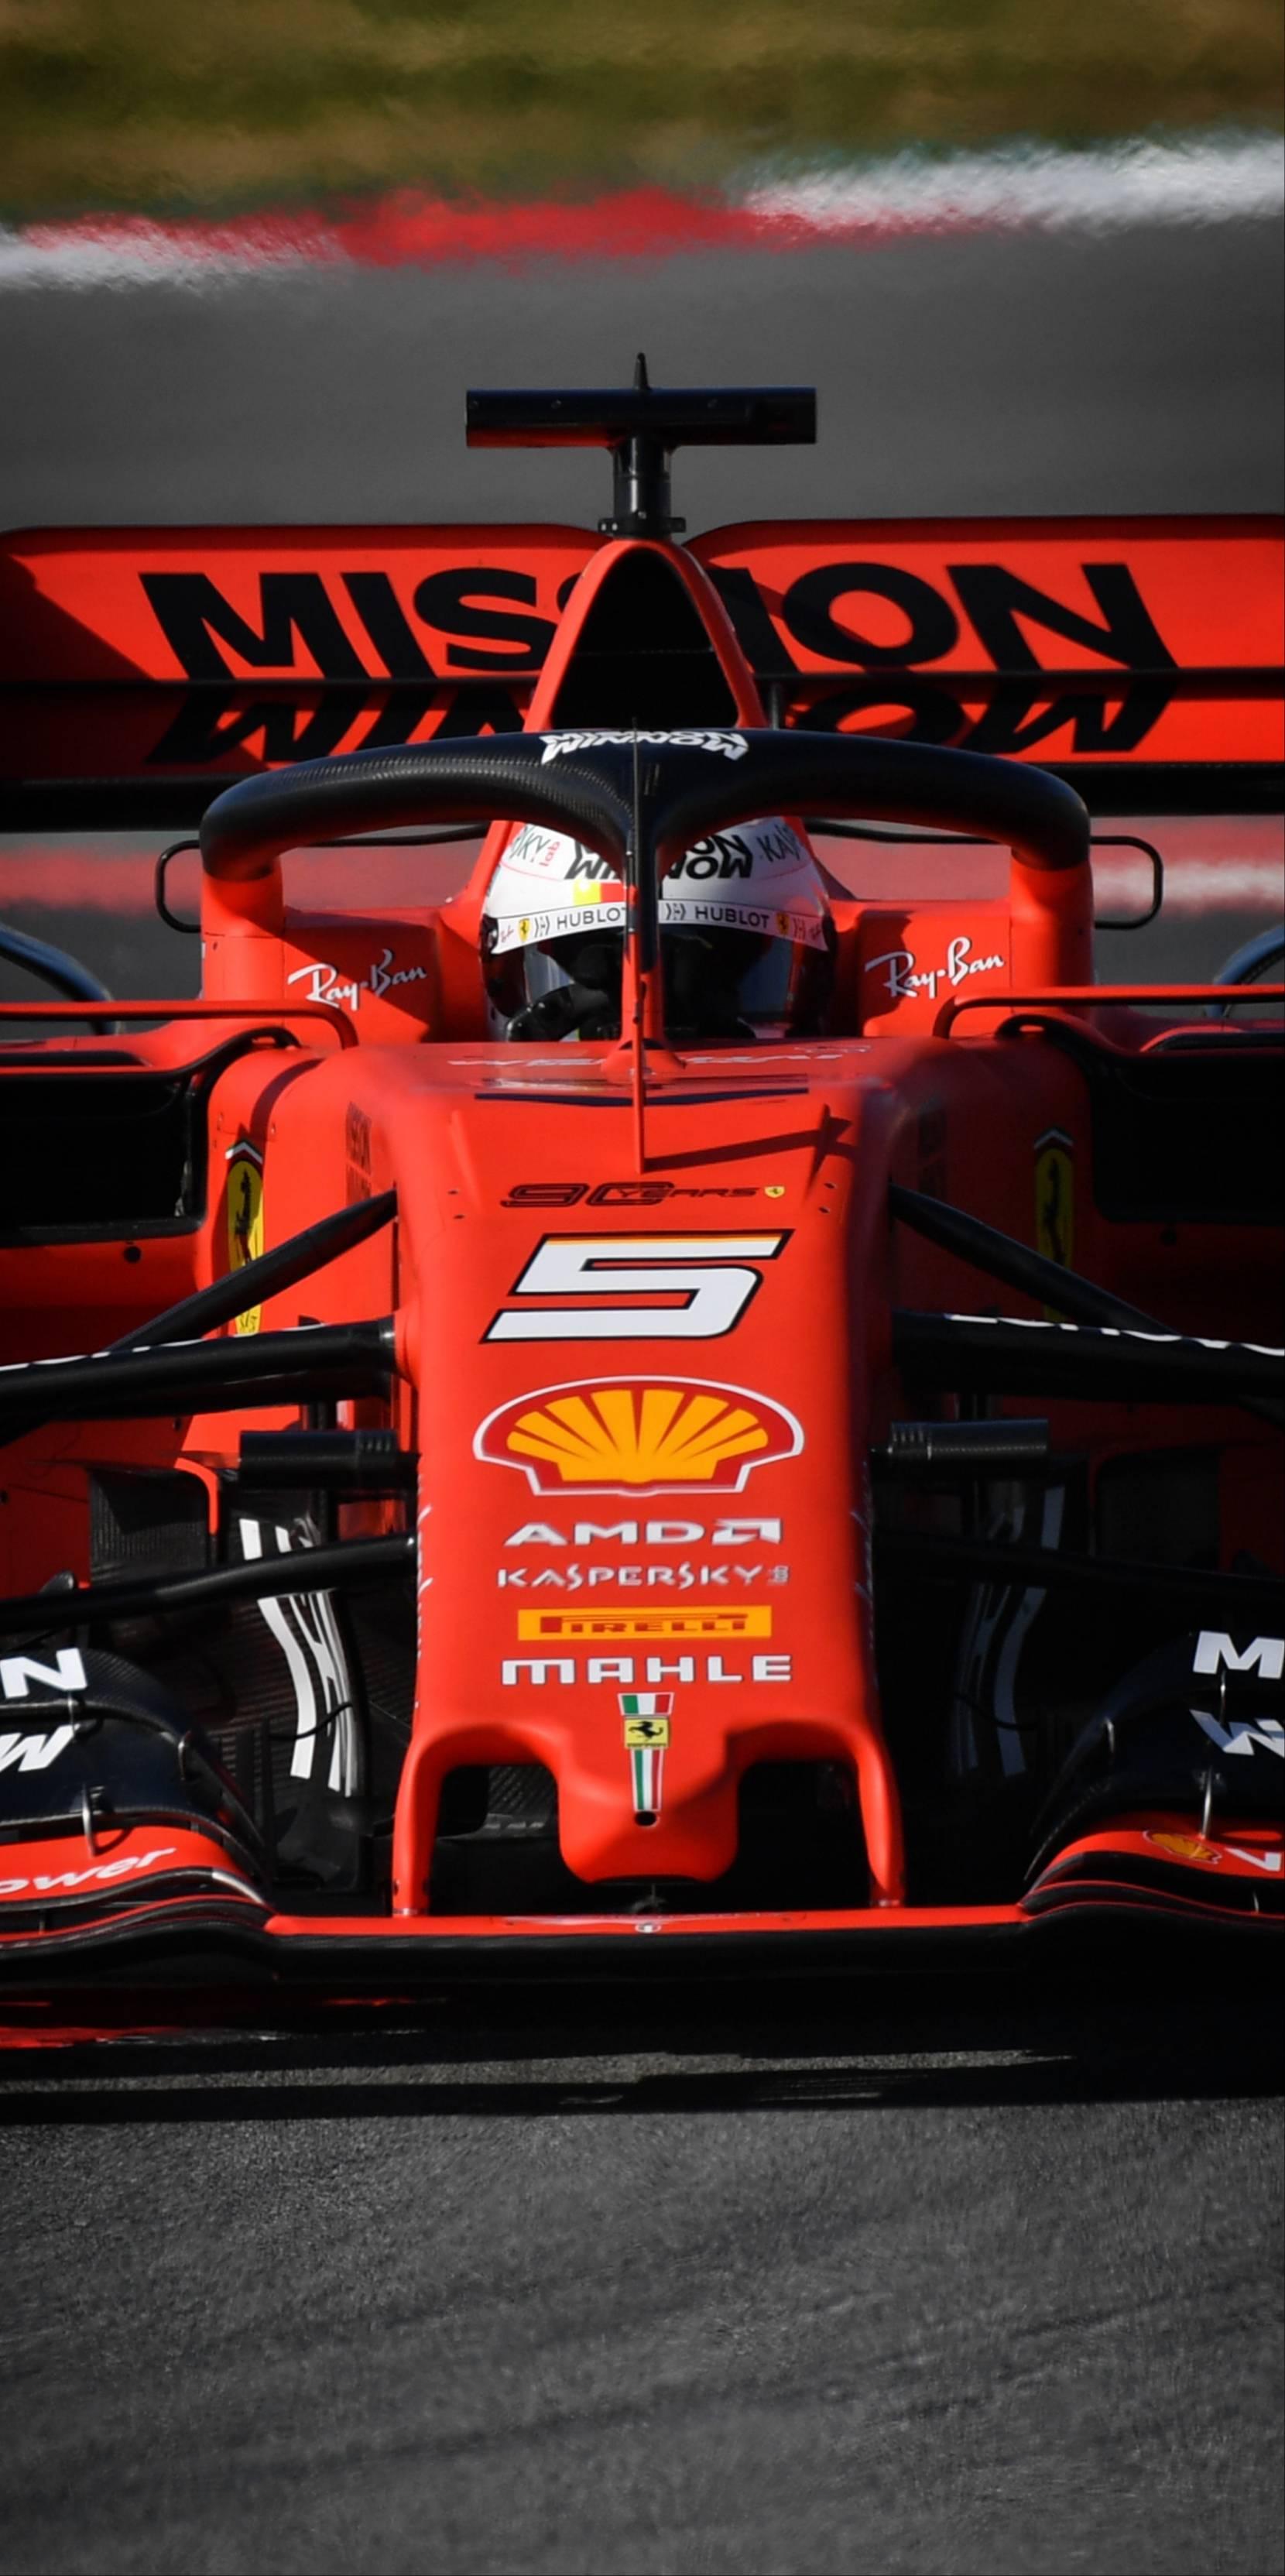 Ferrari Formula 1 Wallpapers Wallpaper Cave